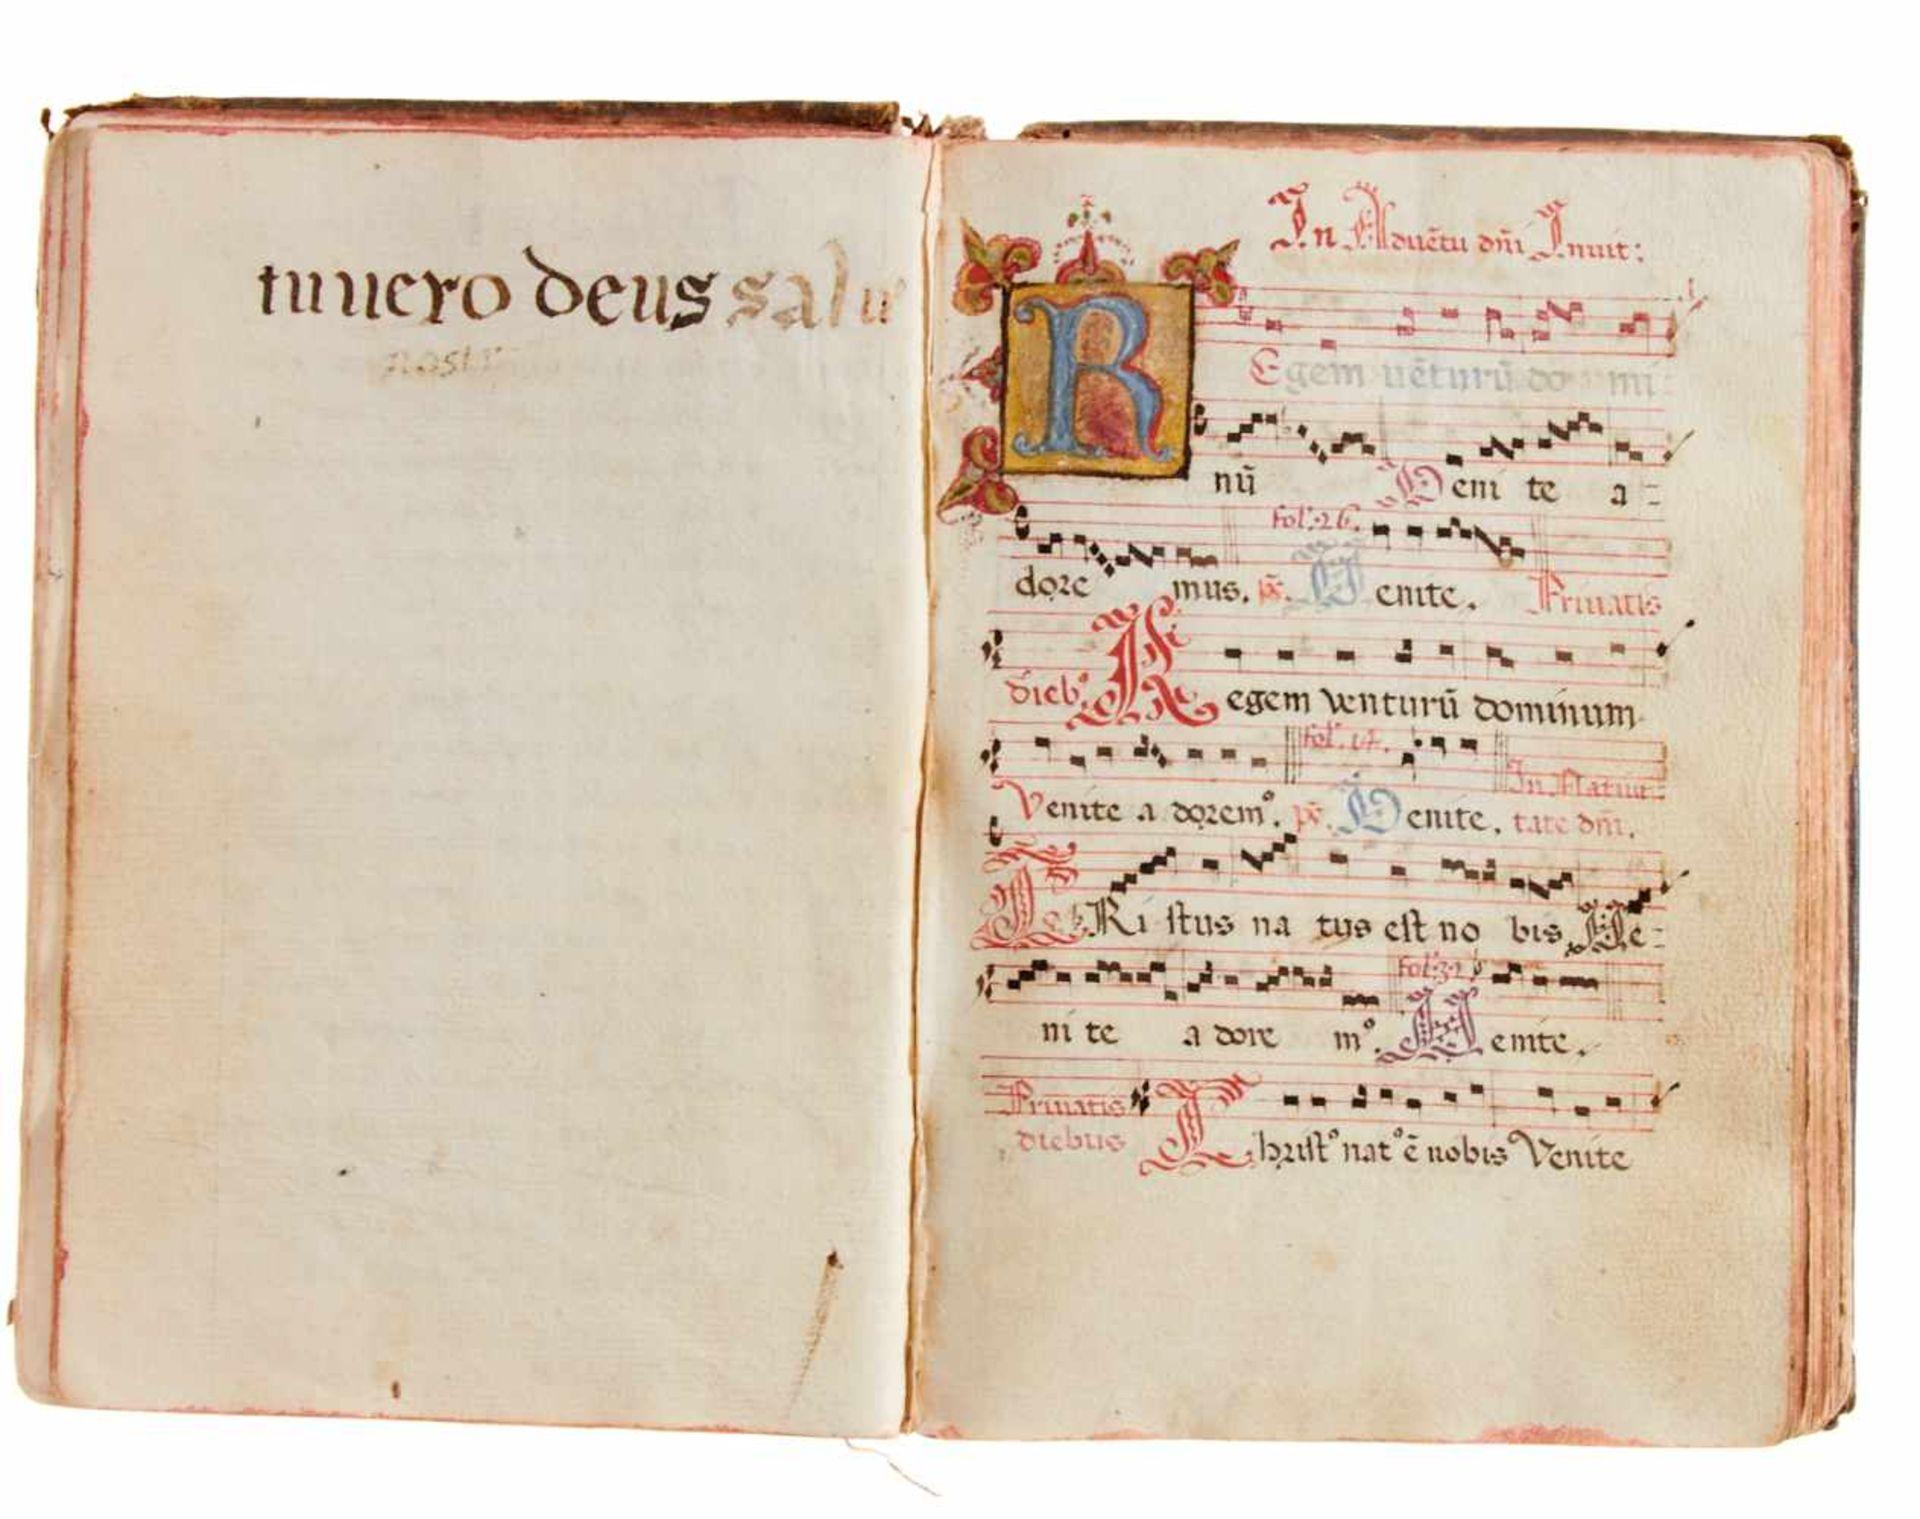 Siena- Antiphonar der Kartause Maggiano. Lateinische Handschrift auf Papier.Dat. Maggiano (Siena), - Bild 3 aus 7